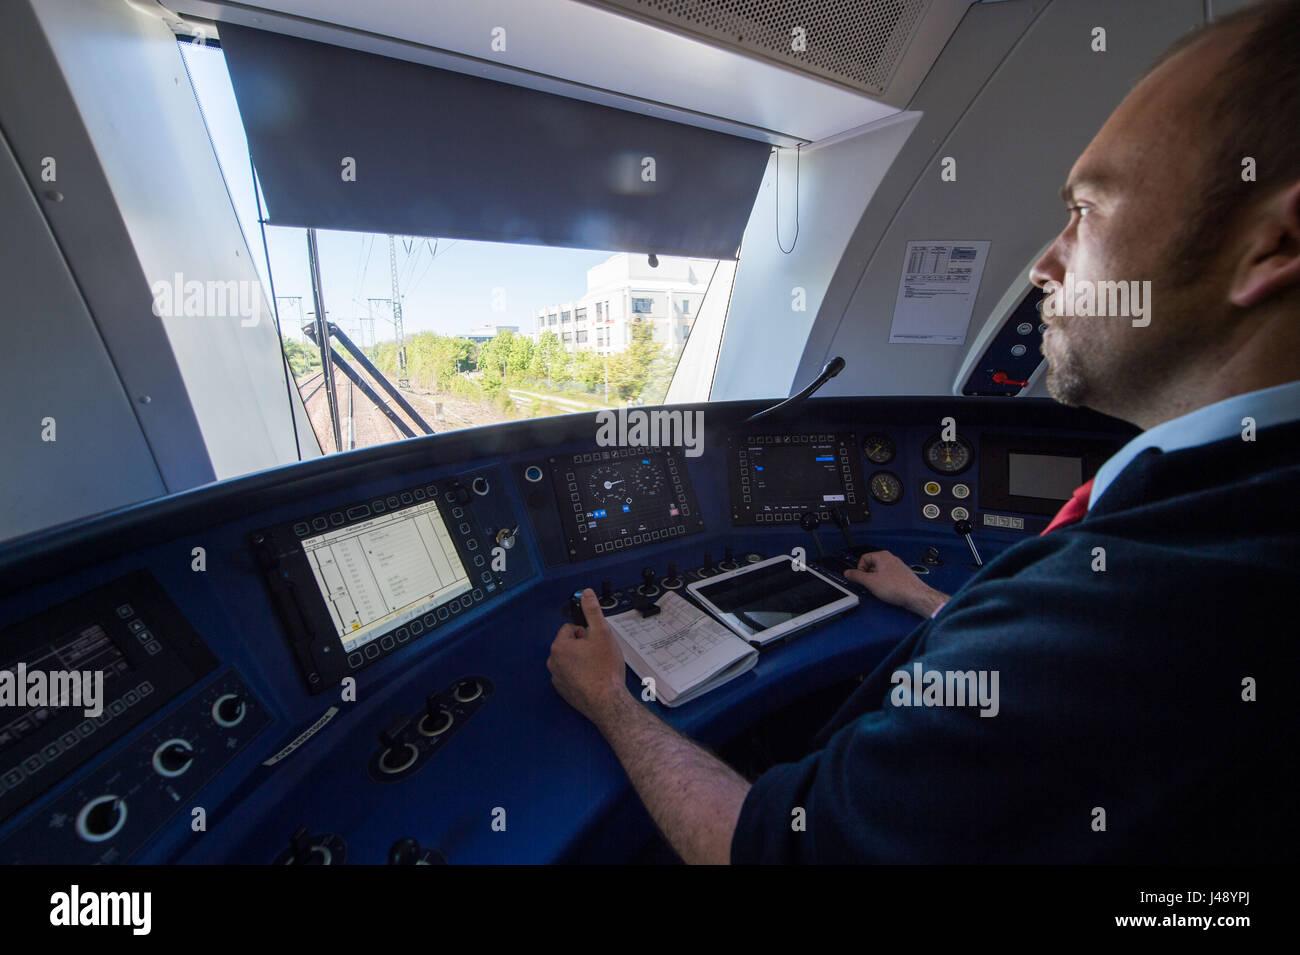 collegamento pilota siti di incontri gratuiti Binghamton NY